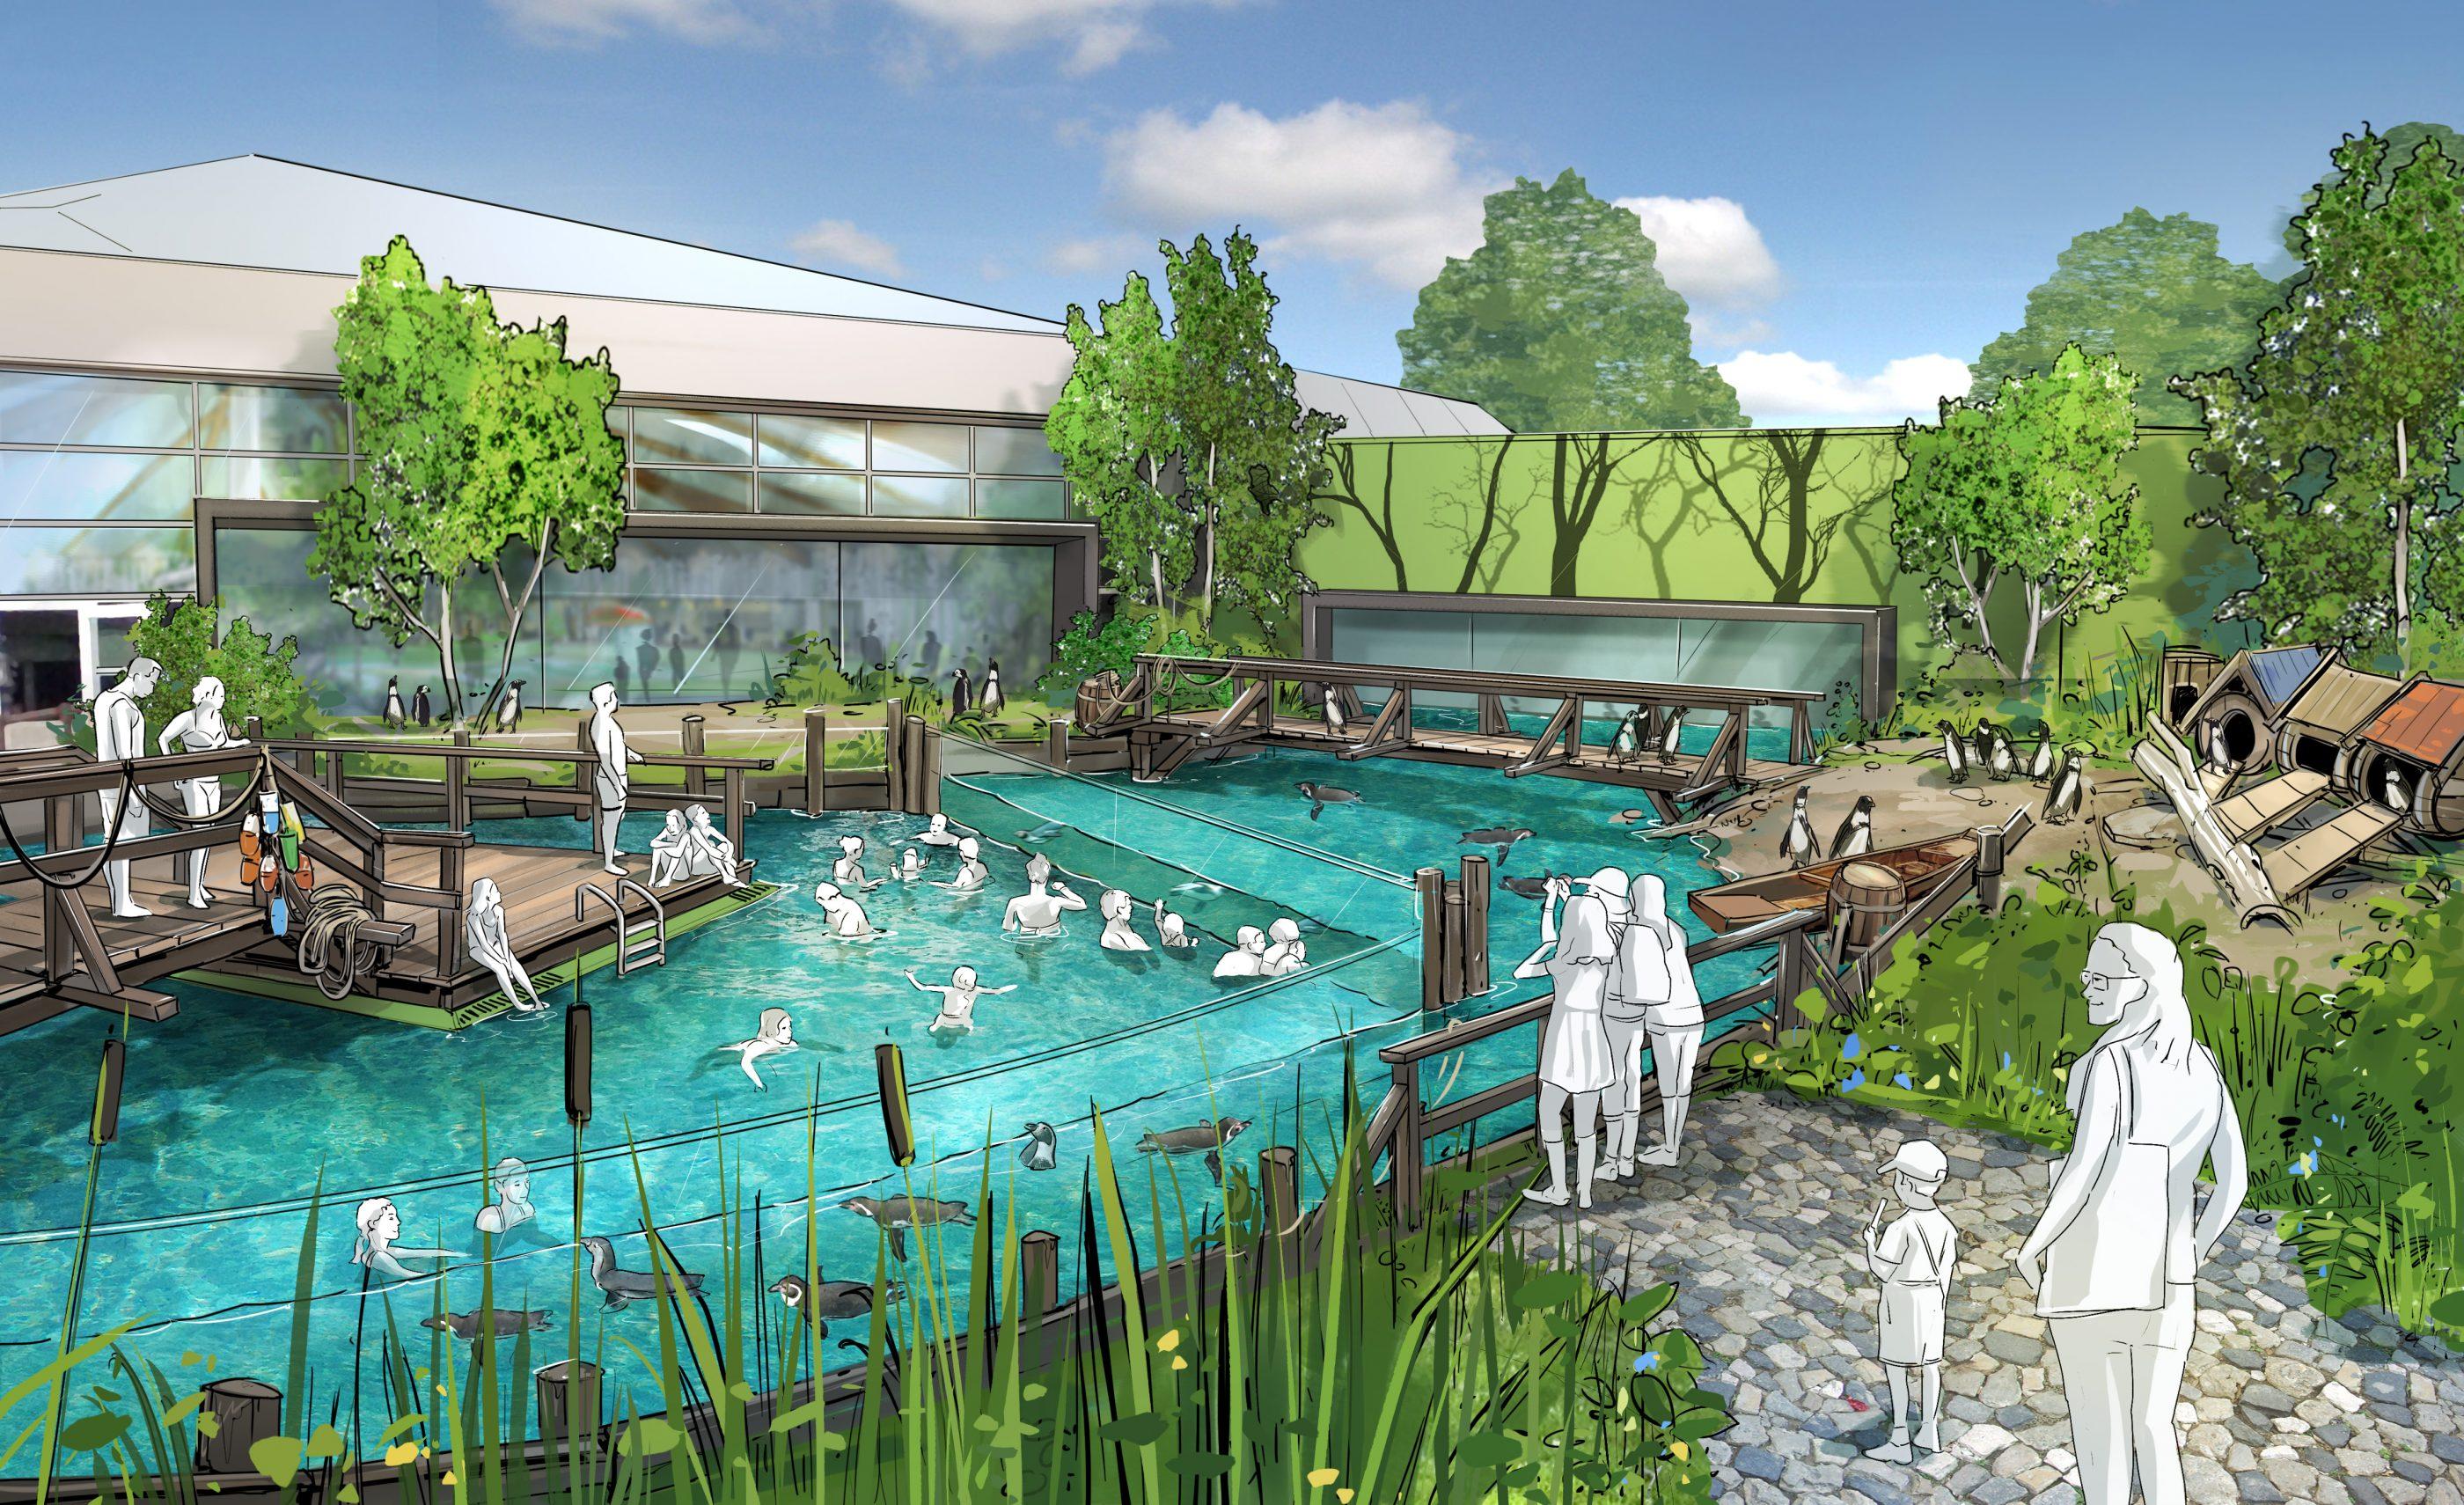 Das Pinguinbecken im Spreewelten Bad